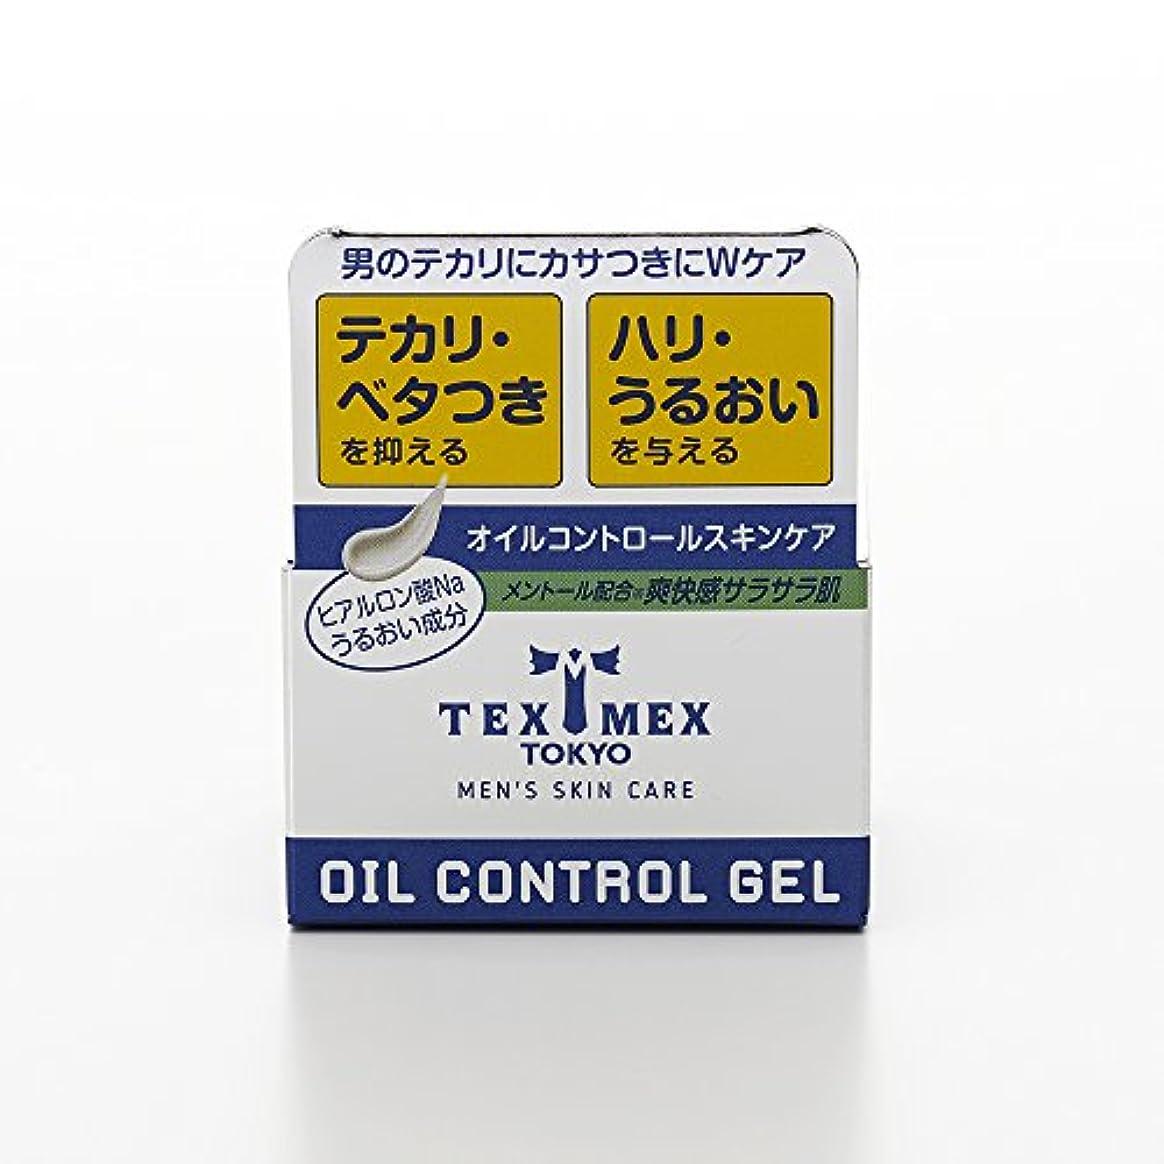 自然公園土砂降りパテテックスメックス オイルコントロールジェル 24g (テカリ防止ジェル) 【塗るだけでサラサラ肌に】